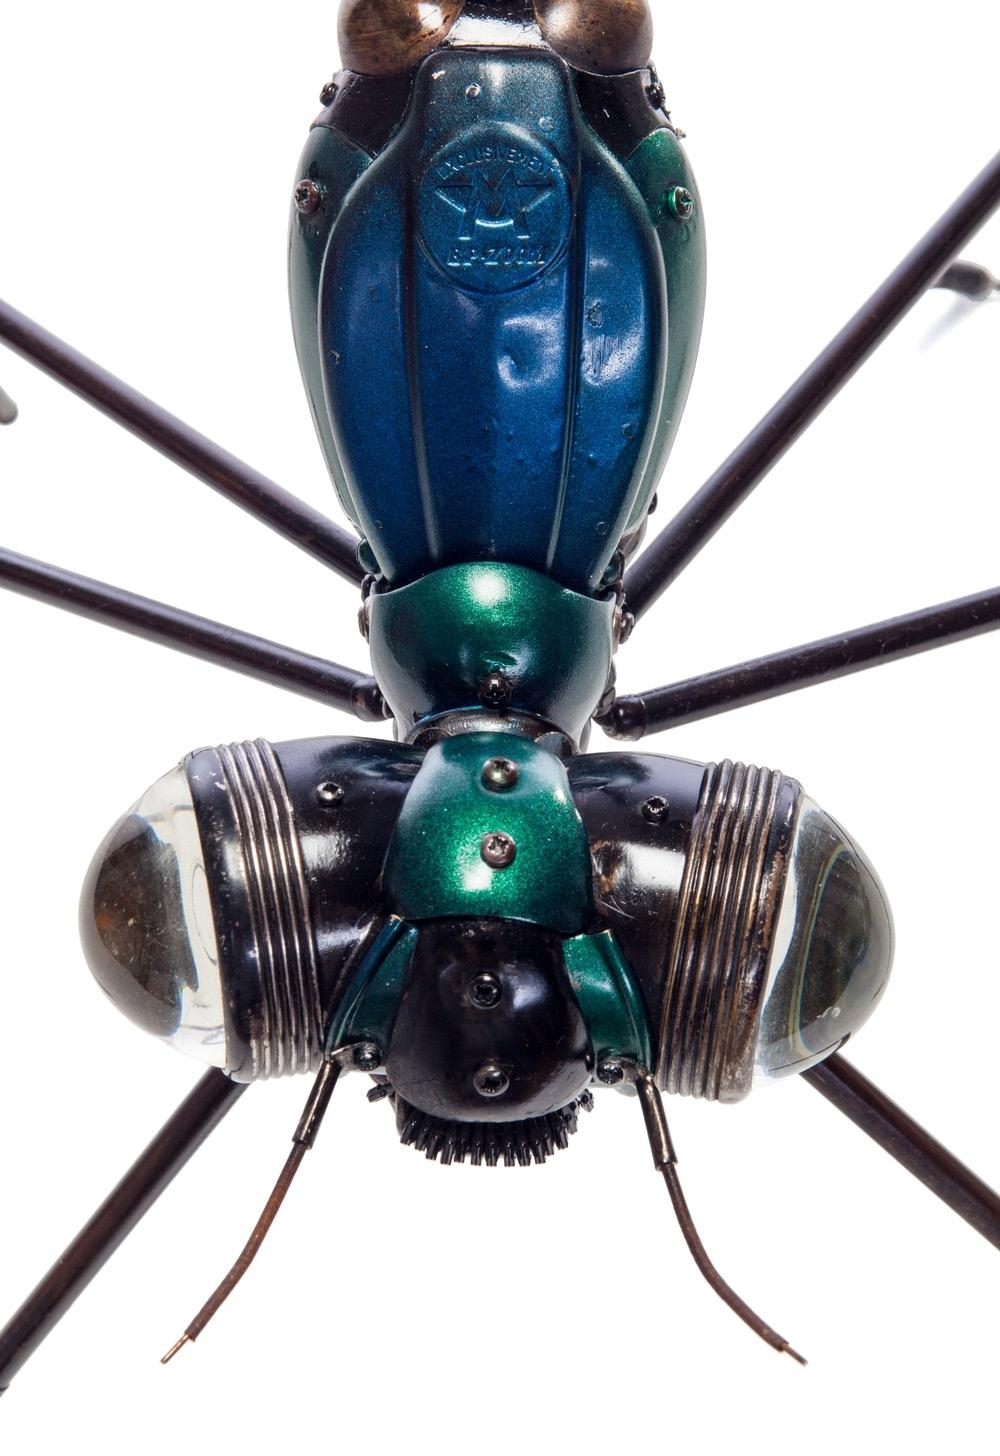 sculture-insetti-animali-parti-riciclate-bici-auto-moto-edouard-martinet-05